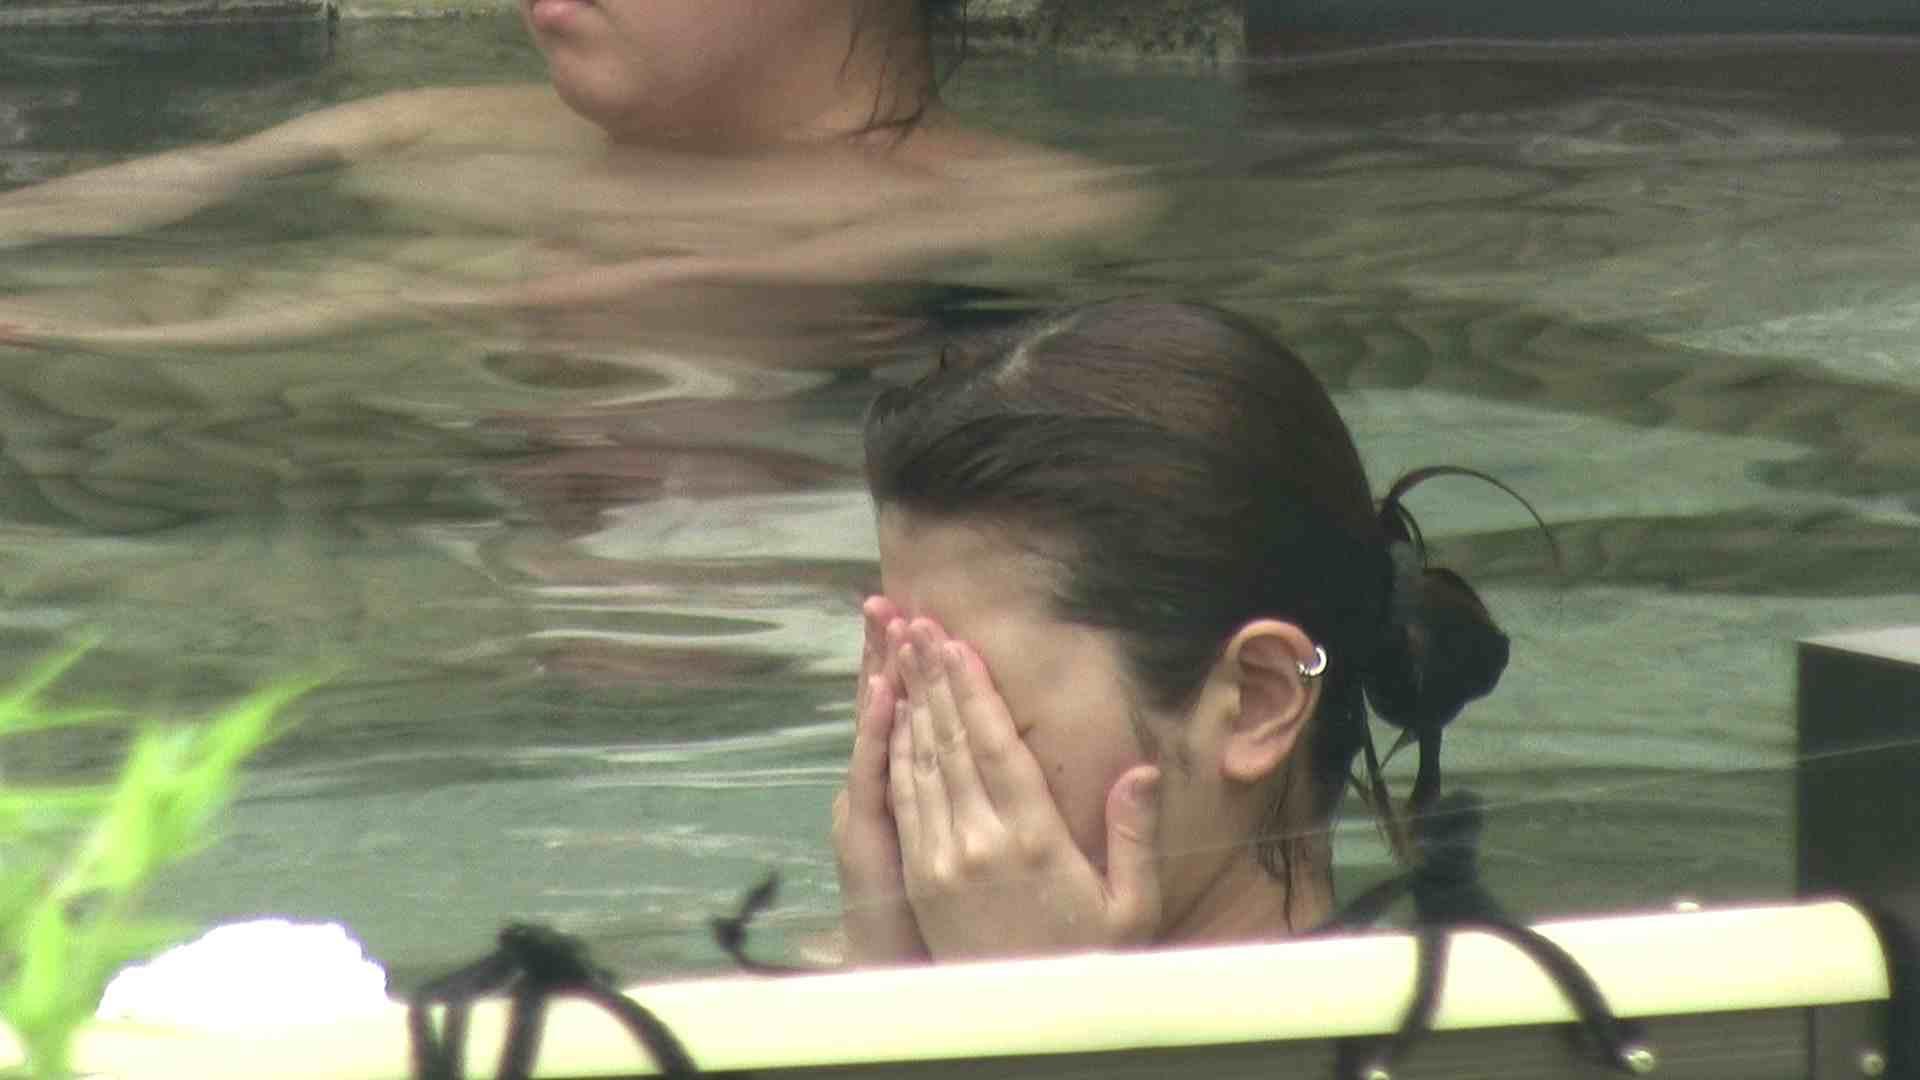 Aquaな露天風呂Vol.19【VIP】 美しいOLの裸体  106pic 78